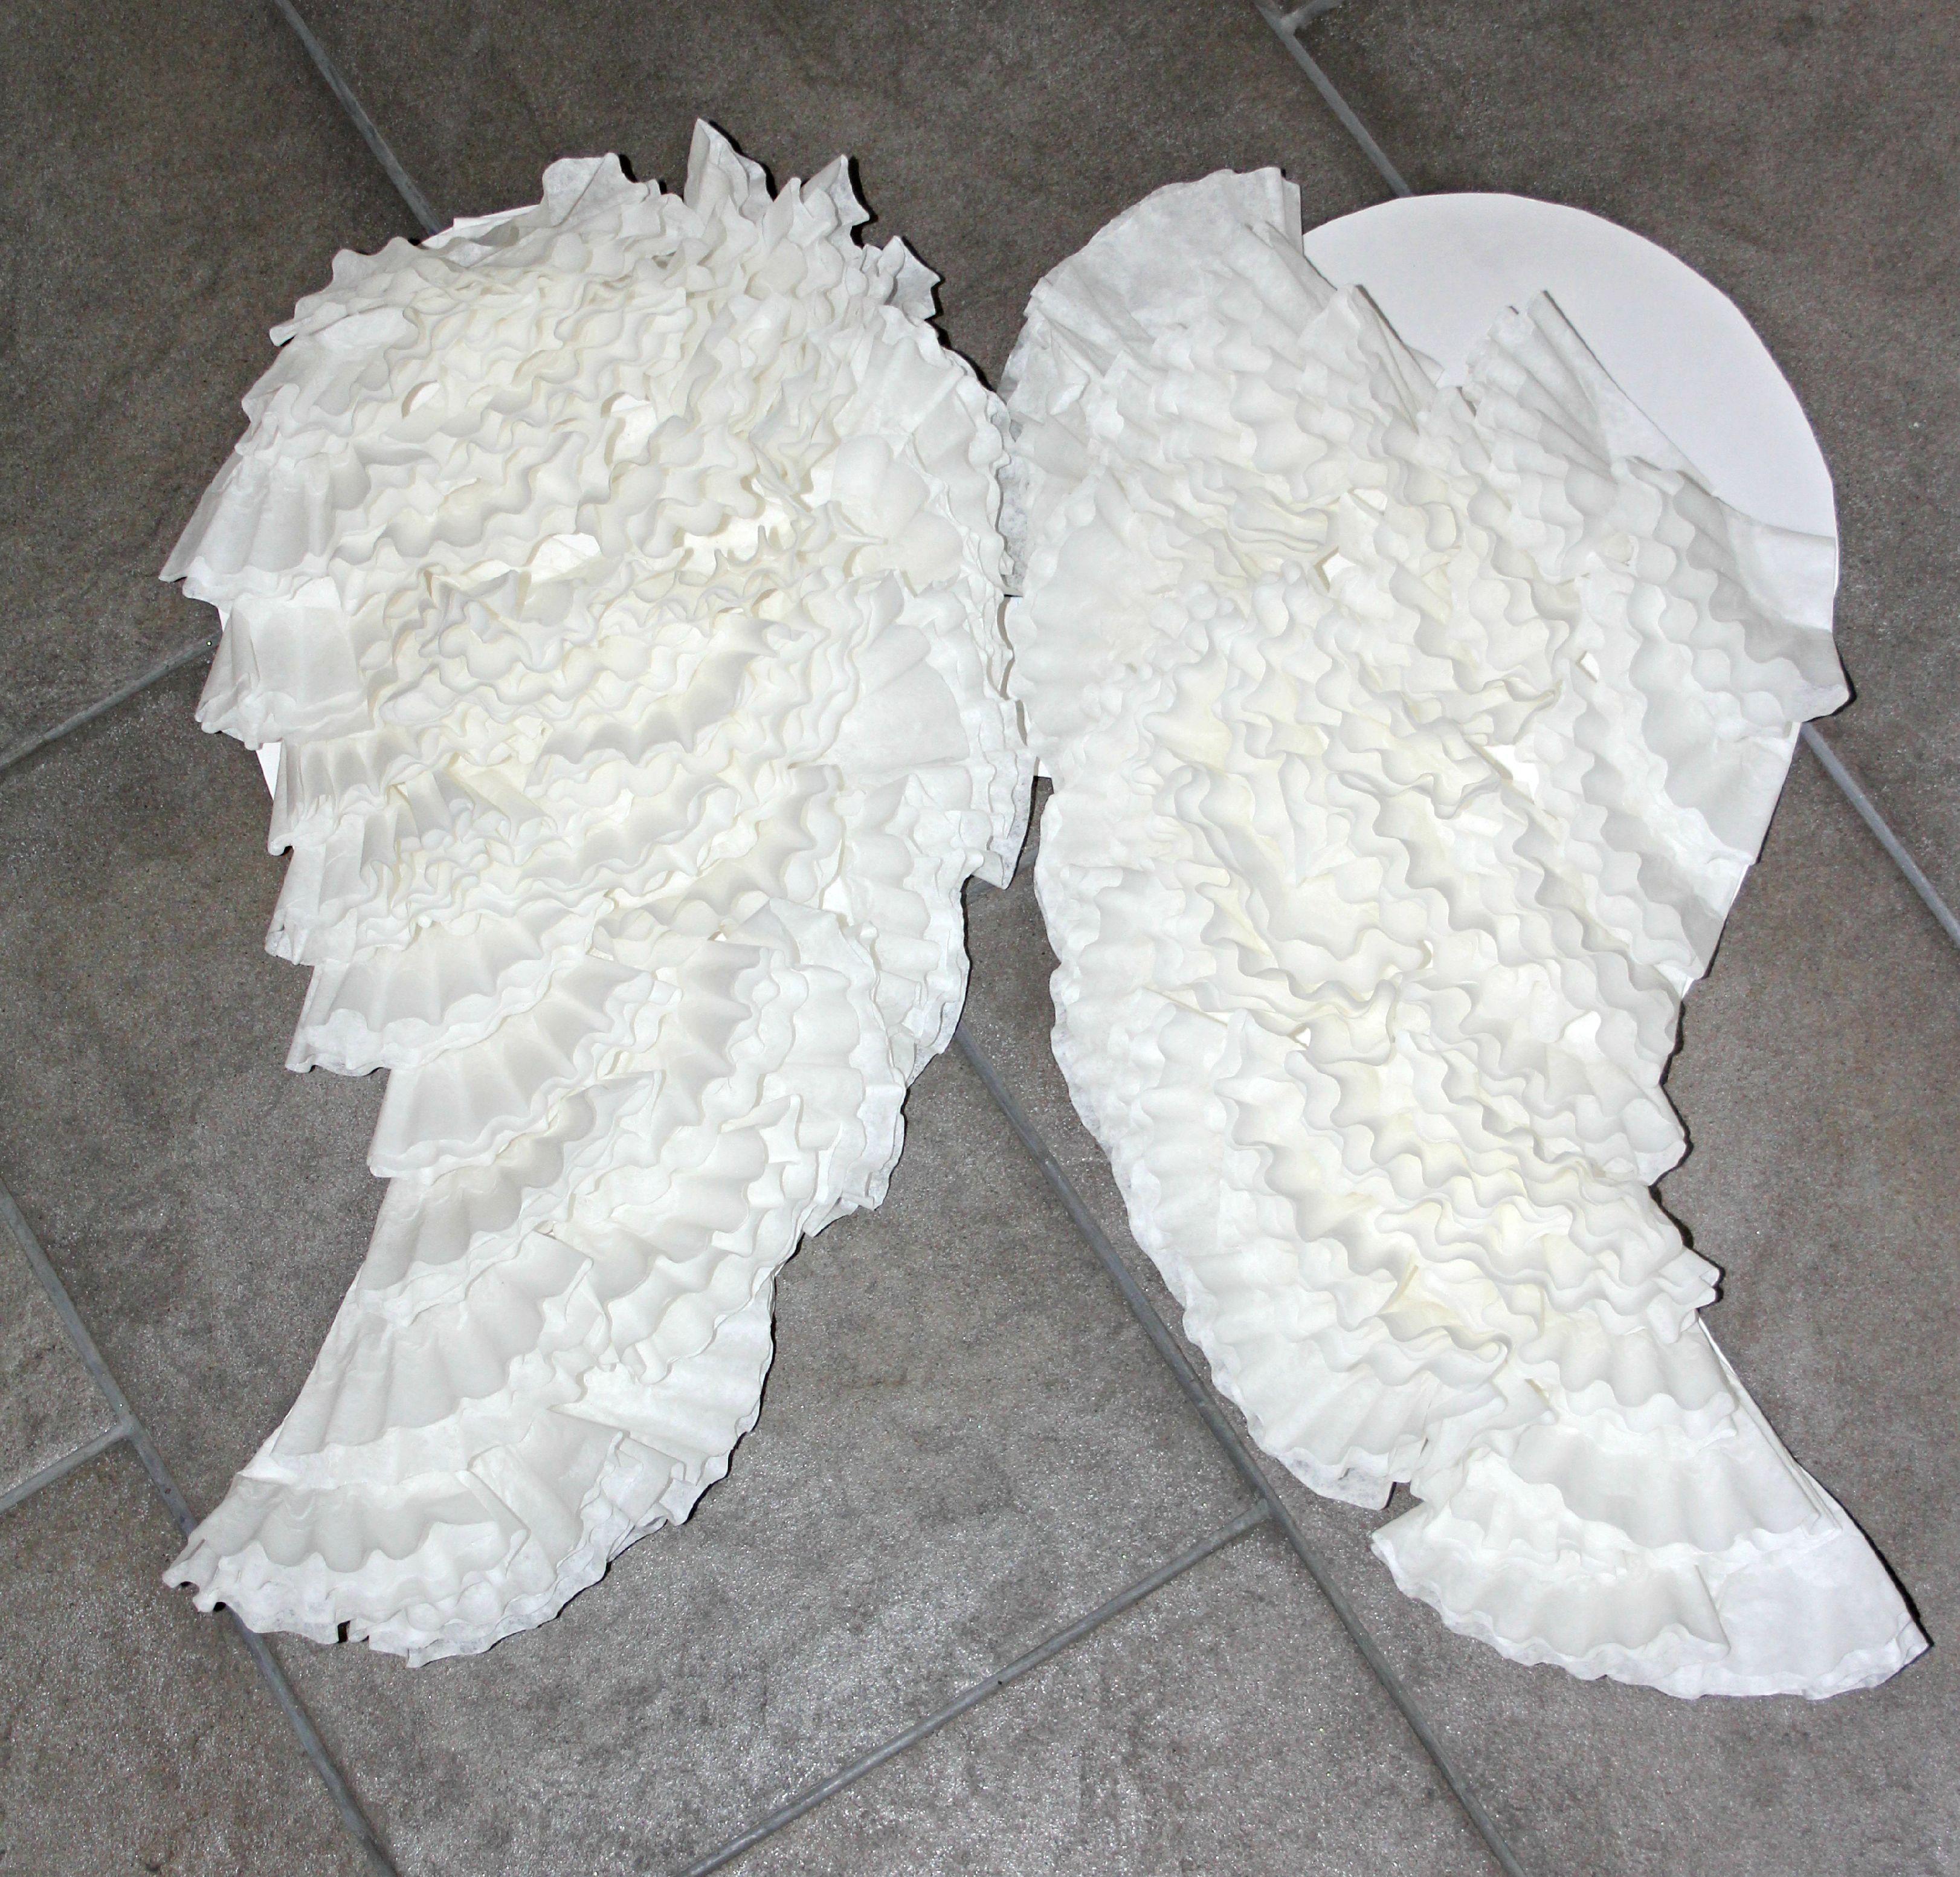 How to Make Paper Angel Wings images | Diy angel wings ...